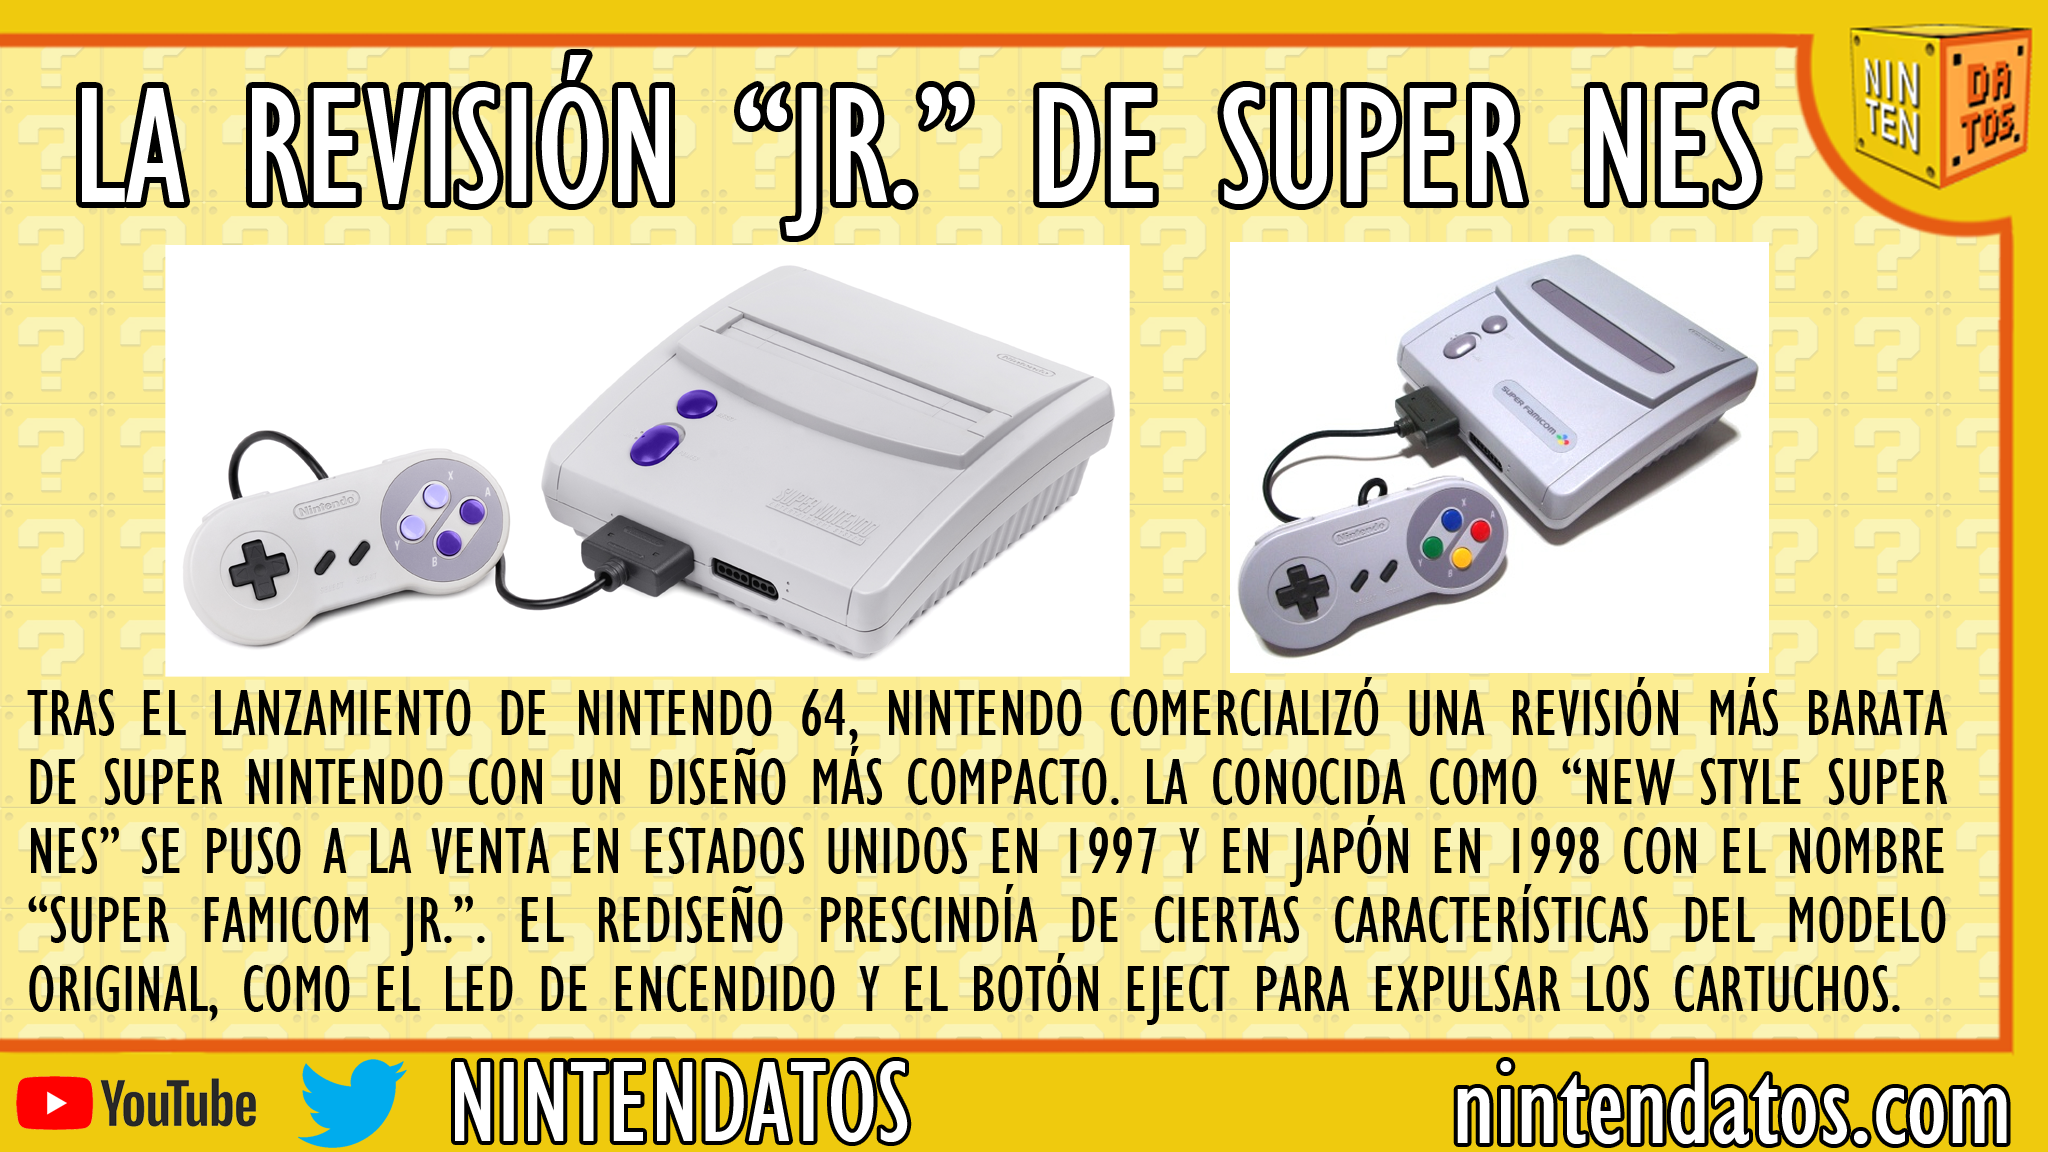 La revisión Jr de Super NES